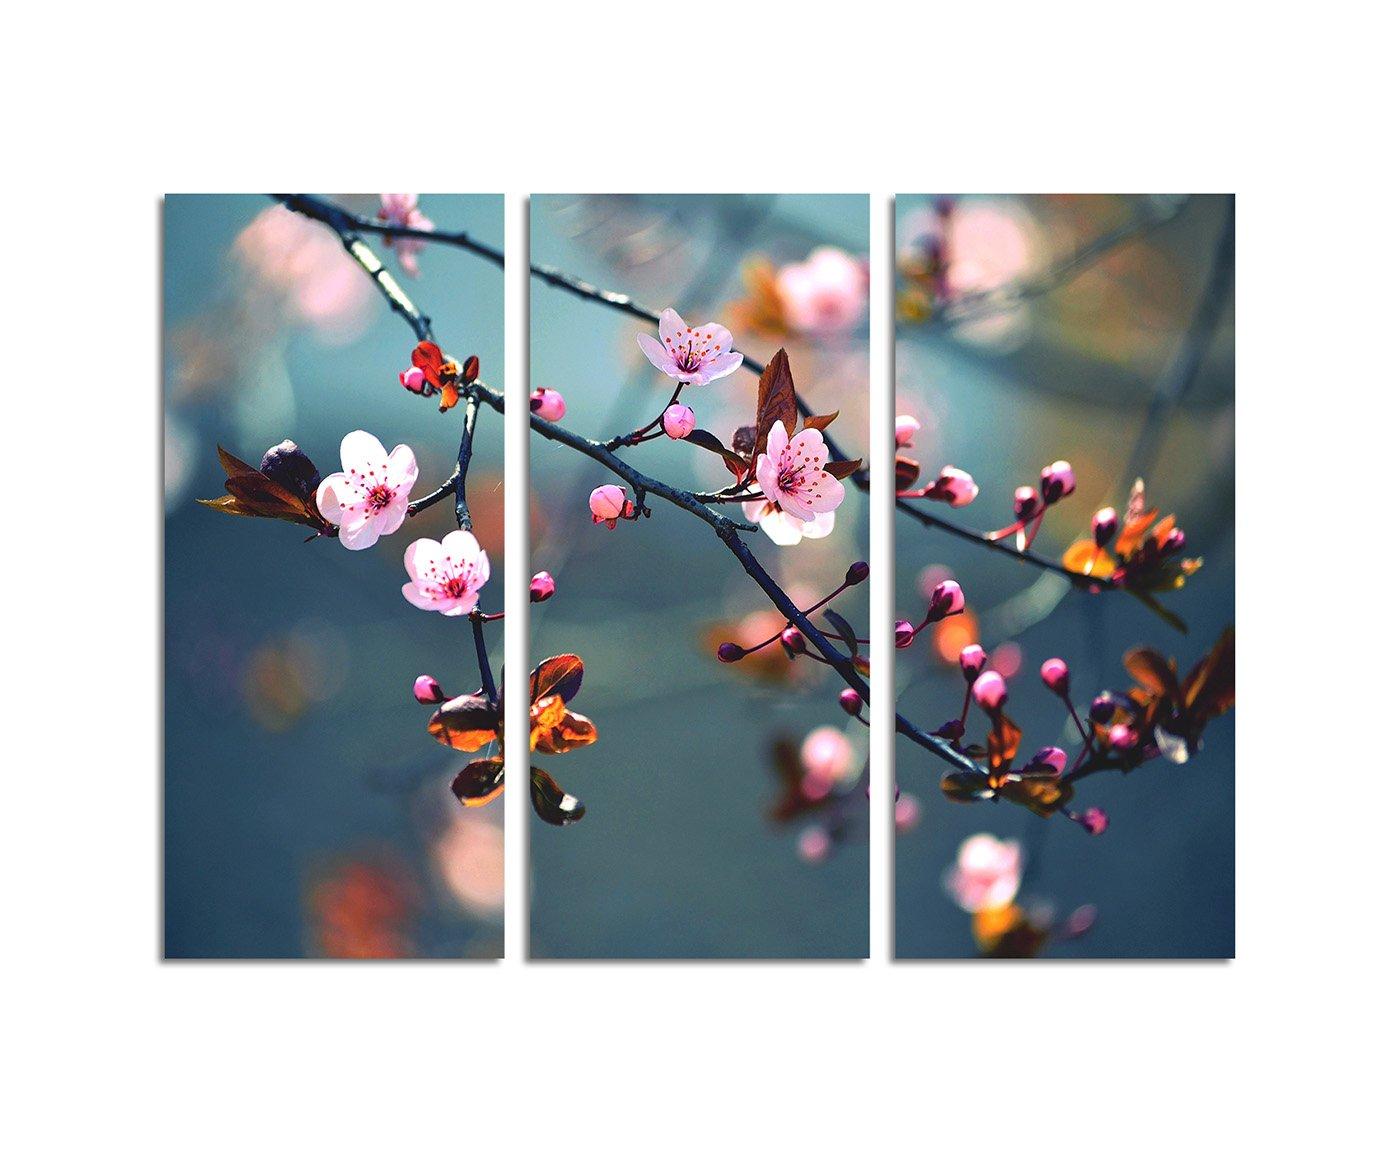 130x90cm – KUNSTDRUCK wunderschöne japanische Kirschblüte Frühling 3teiliges Wandbild auf Leinwand und Keilrahmen - Fotobild Kunstdruck Artprint Paul Sinus Art